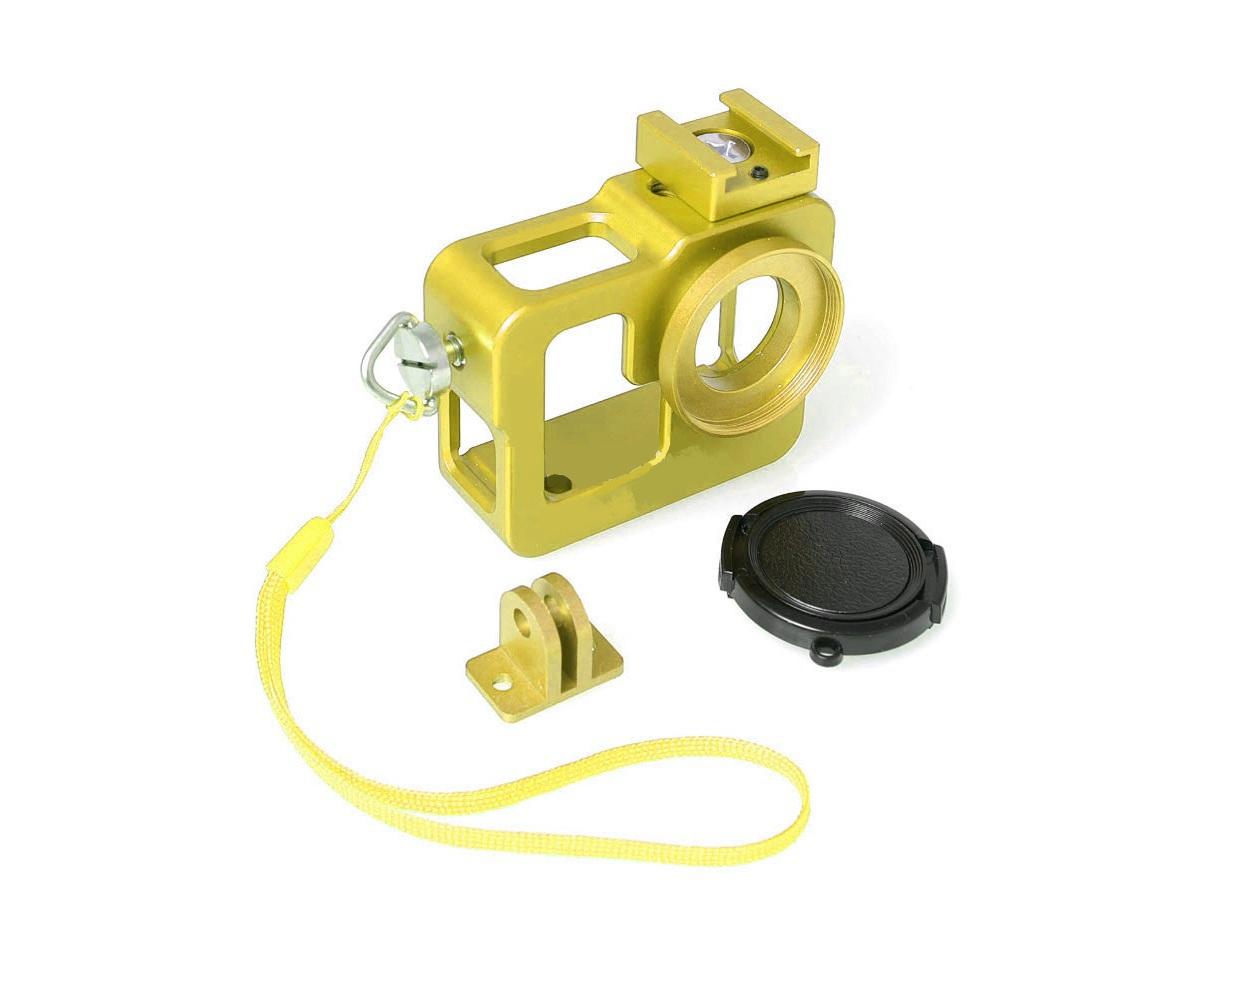 FUJIMI GP FMS-200 yellow Алюминиевый чехол-рамка для GoPro, с ремешком и штативным гнездом Цвет: оранжевый